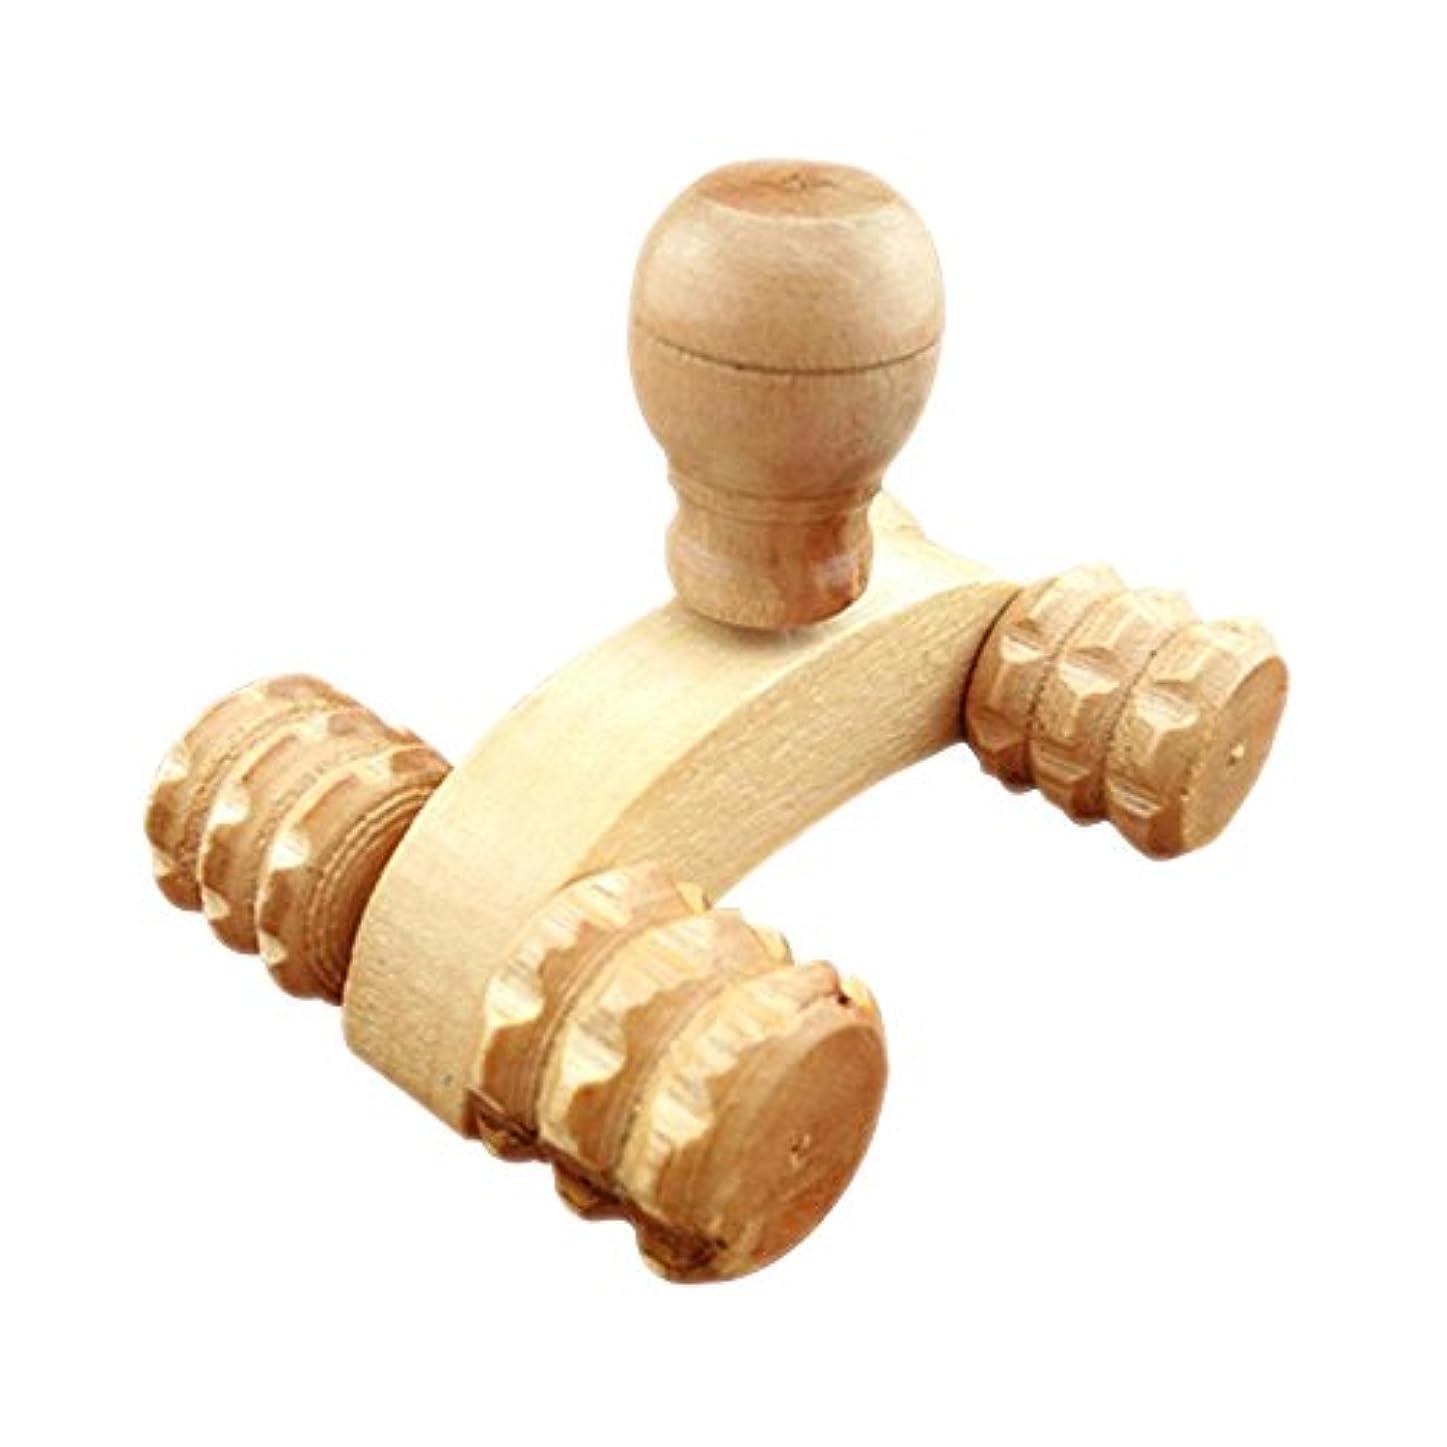 人形非難する論争Hrph ボディマッサージ ボディケア 四輪 木製